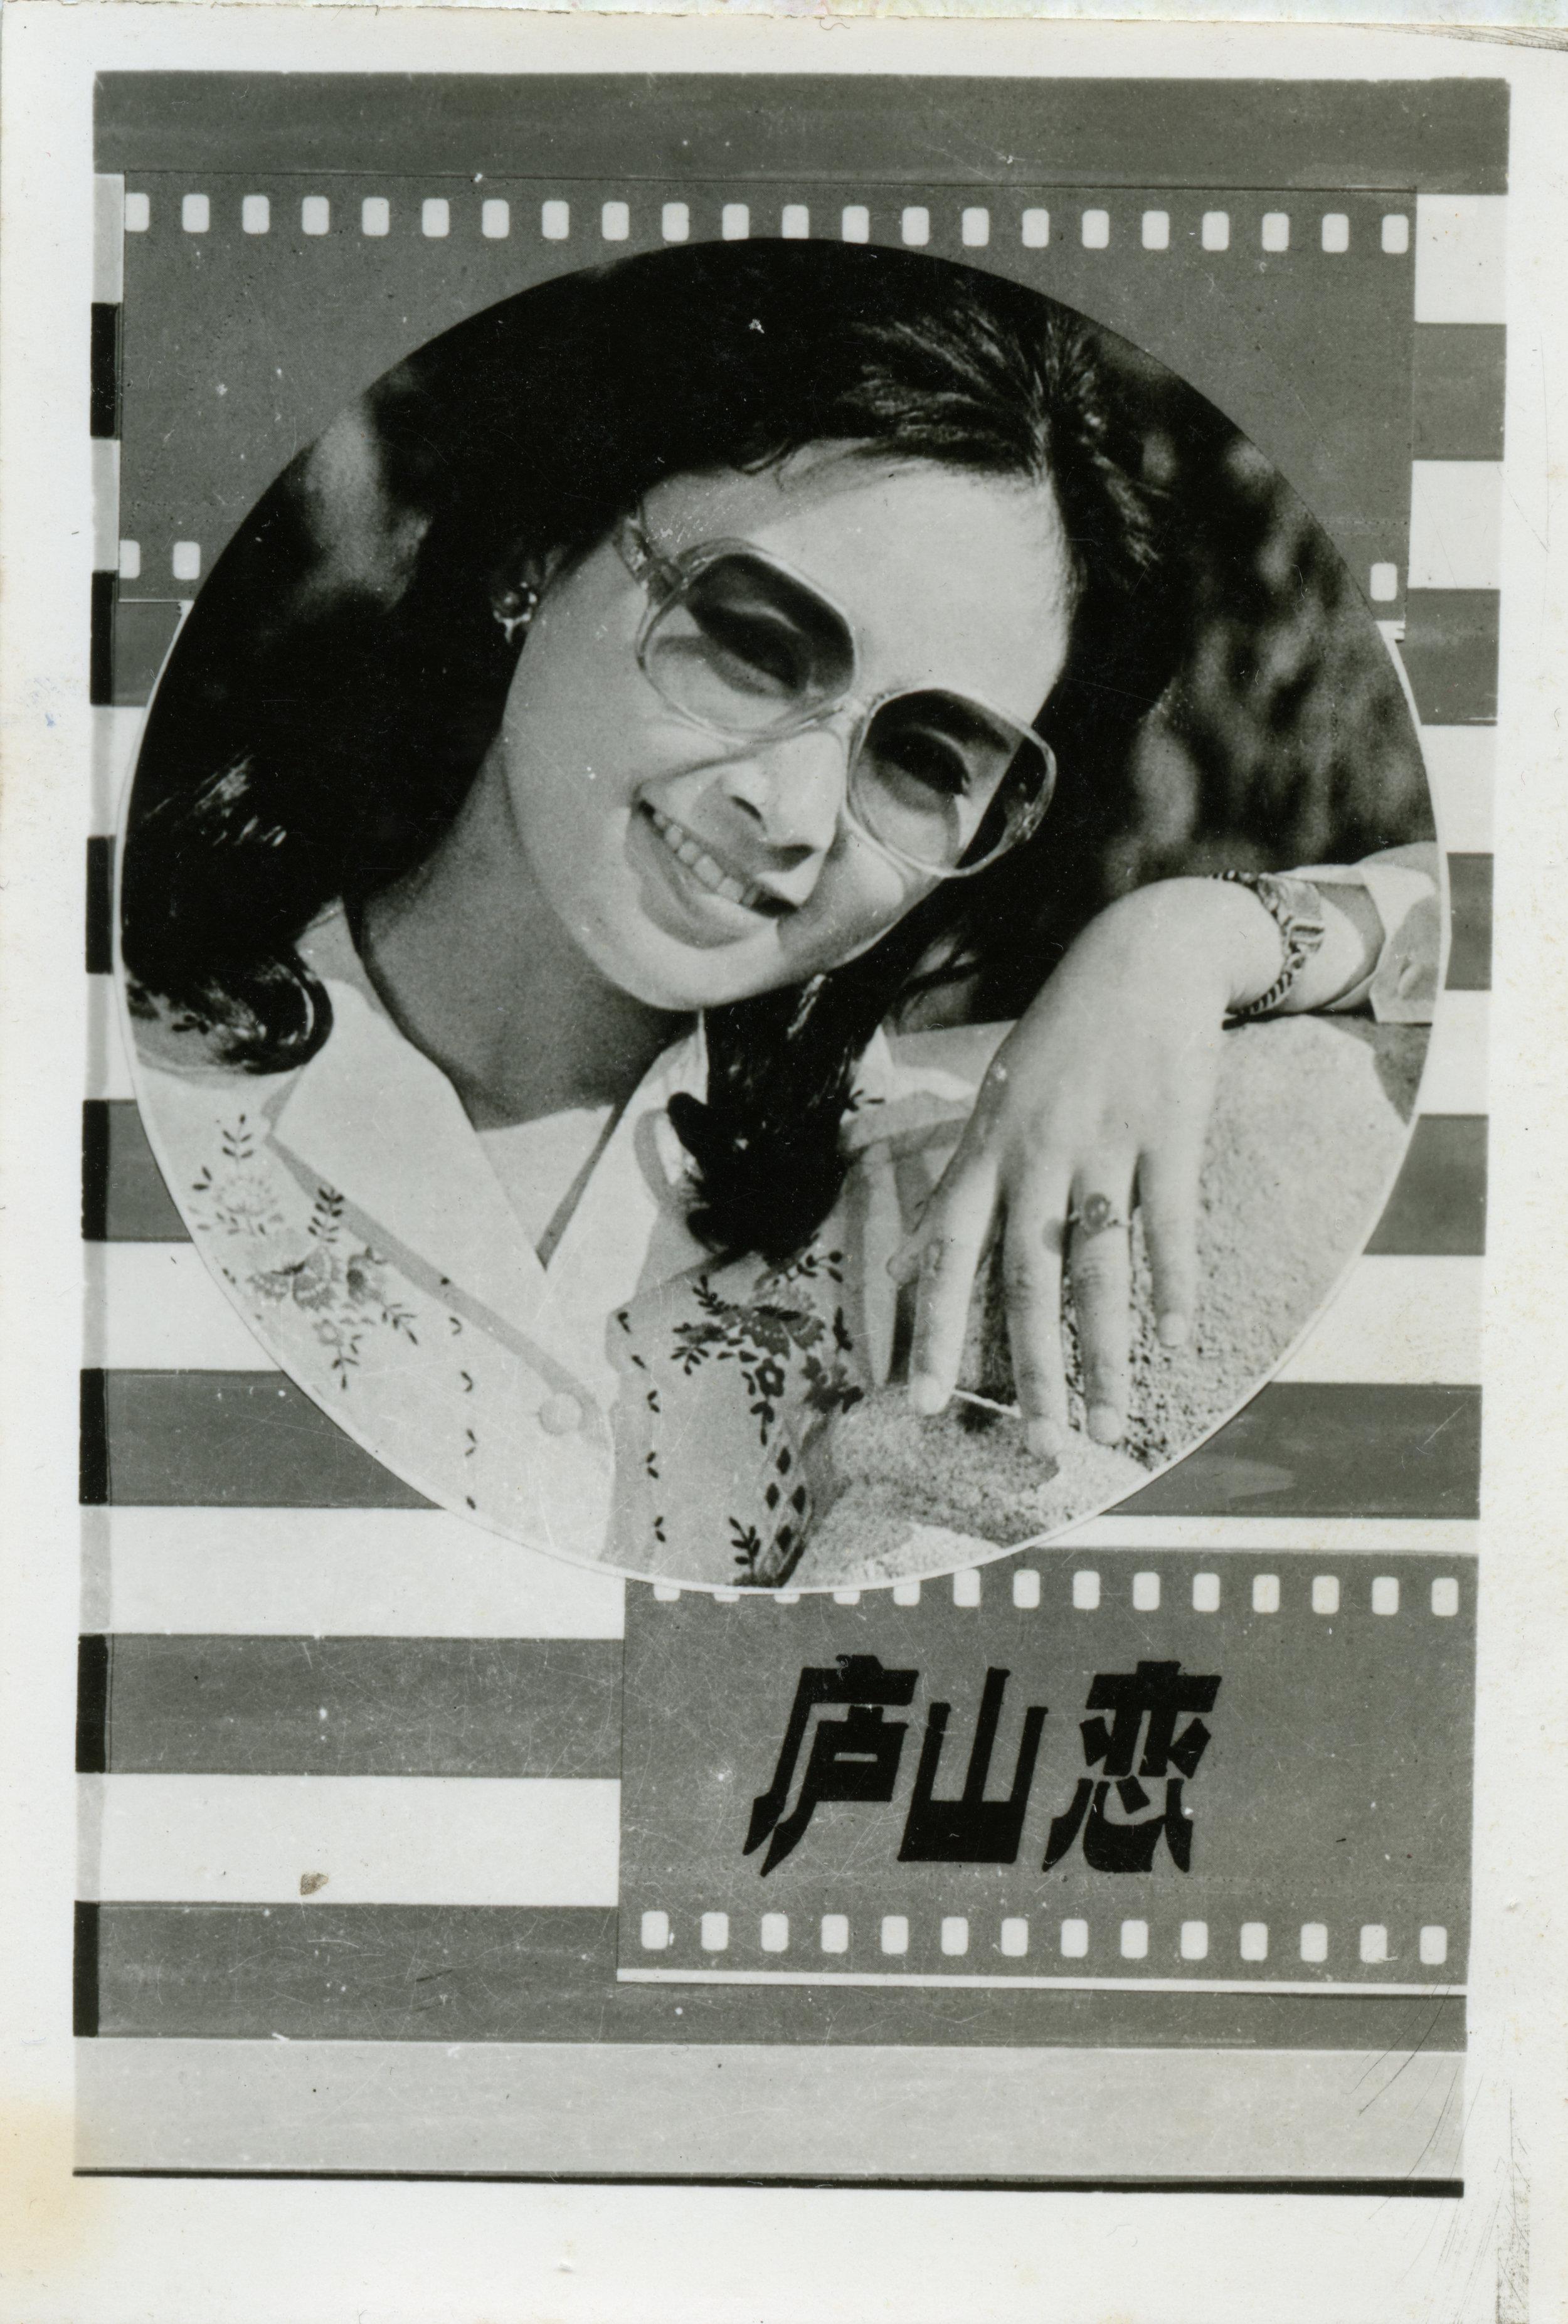 电影《庐山恋》(黄祖模,1980)在庐山拍摄,讲述的是人民解放军将军的儿子与逃往美国的国民党将军的女儿之间的爱情故事。这部影片在毛去世和文革结束四年之后公映,打破了自1949年以来荧幕不可出现接吻片段的禁忌,女主角在片中的43个不同造型也让她成为当时的时尚偶像。 直至2017年,中国人民日报估计这部电影已被约4亿人观看。